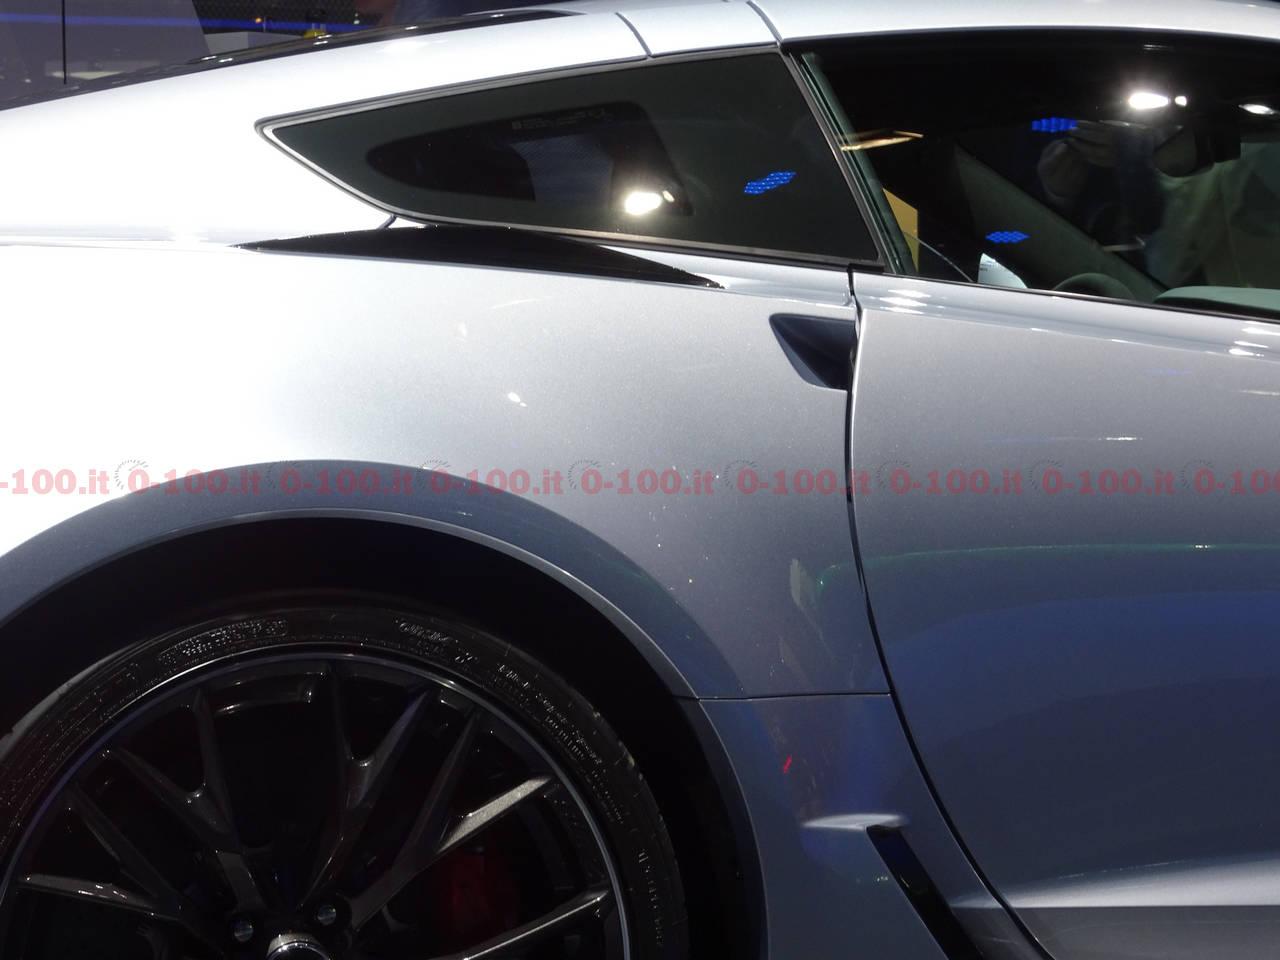 Ginevra-geneva-geneve-2017-Chevrolet-corvette-z06-0-100_8